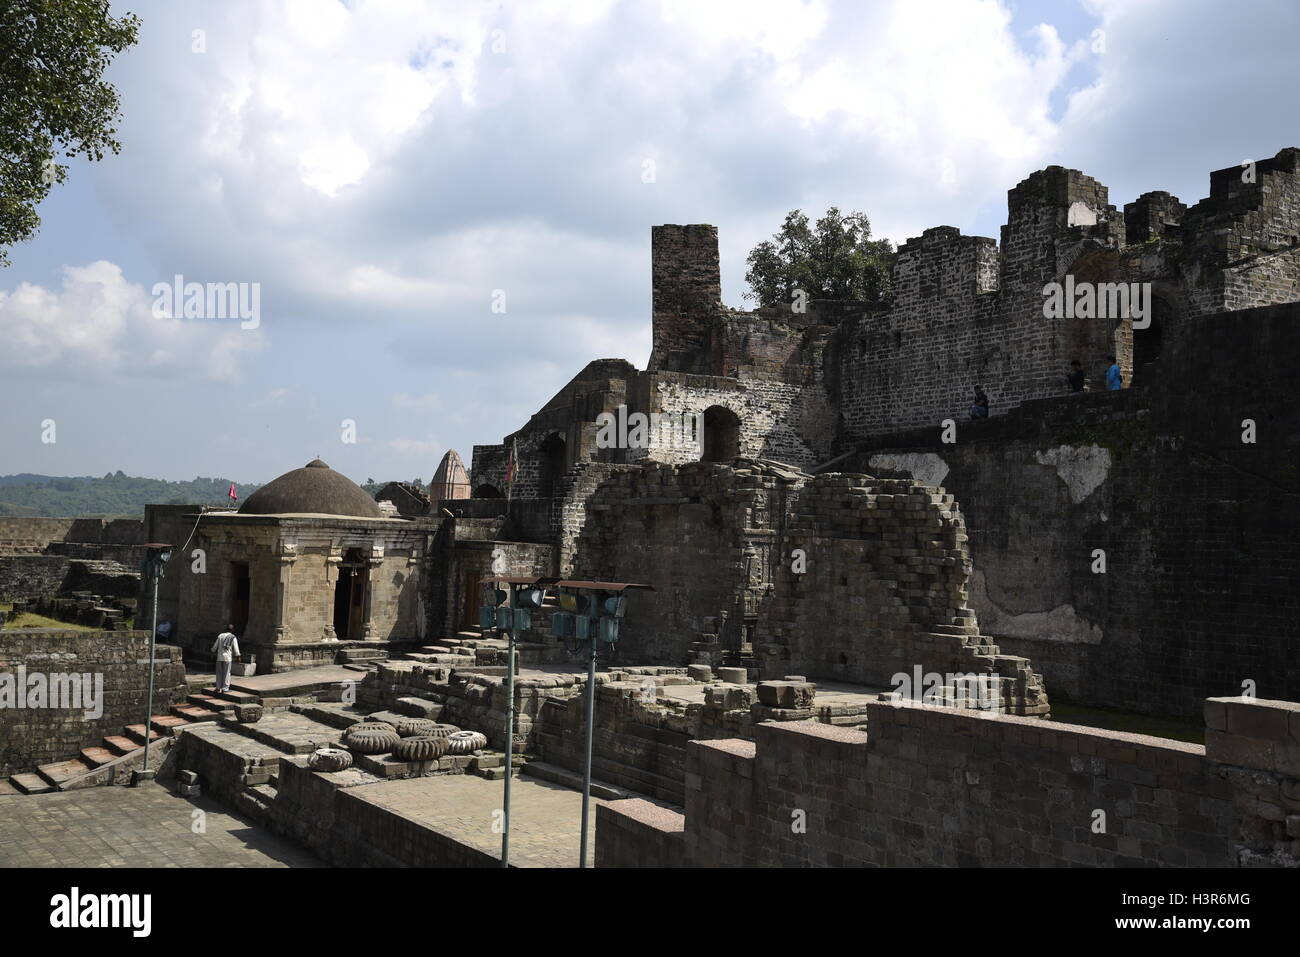 L'architecture historique Fort de Kangra est situé à 20 kilomètres de la ville de Dharamsala, à la périphérie de l'Inde, de Kangra. Banque D'Images